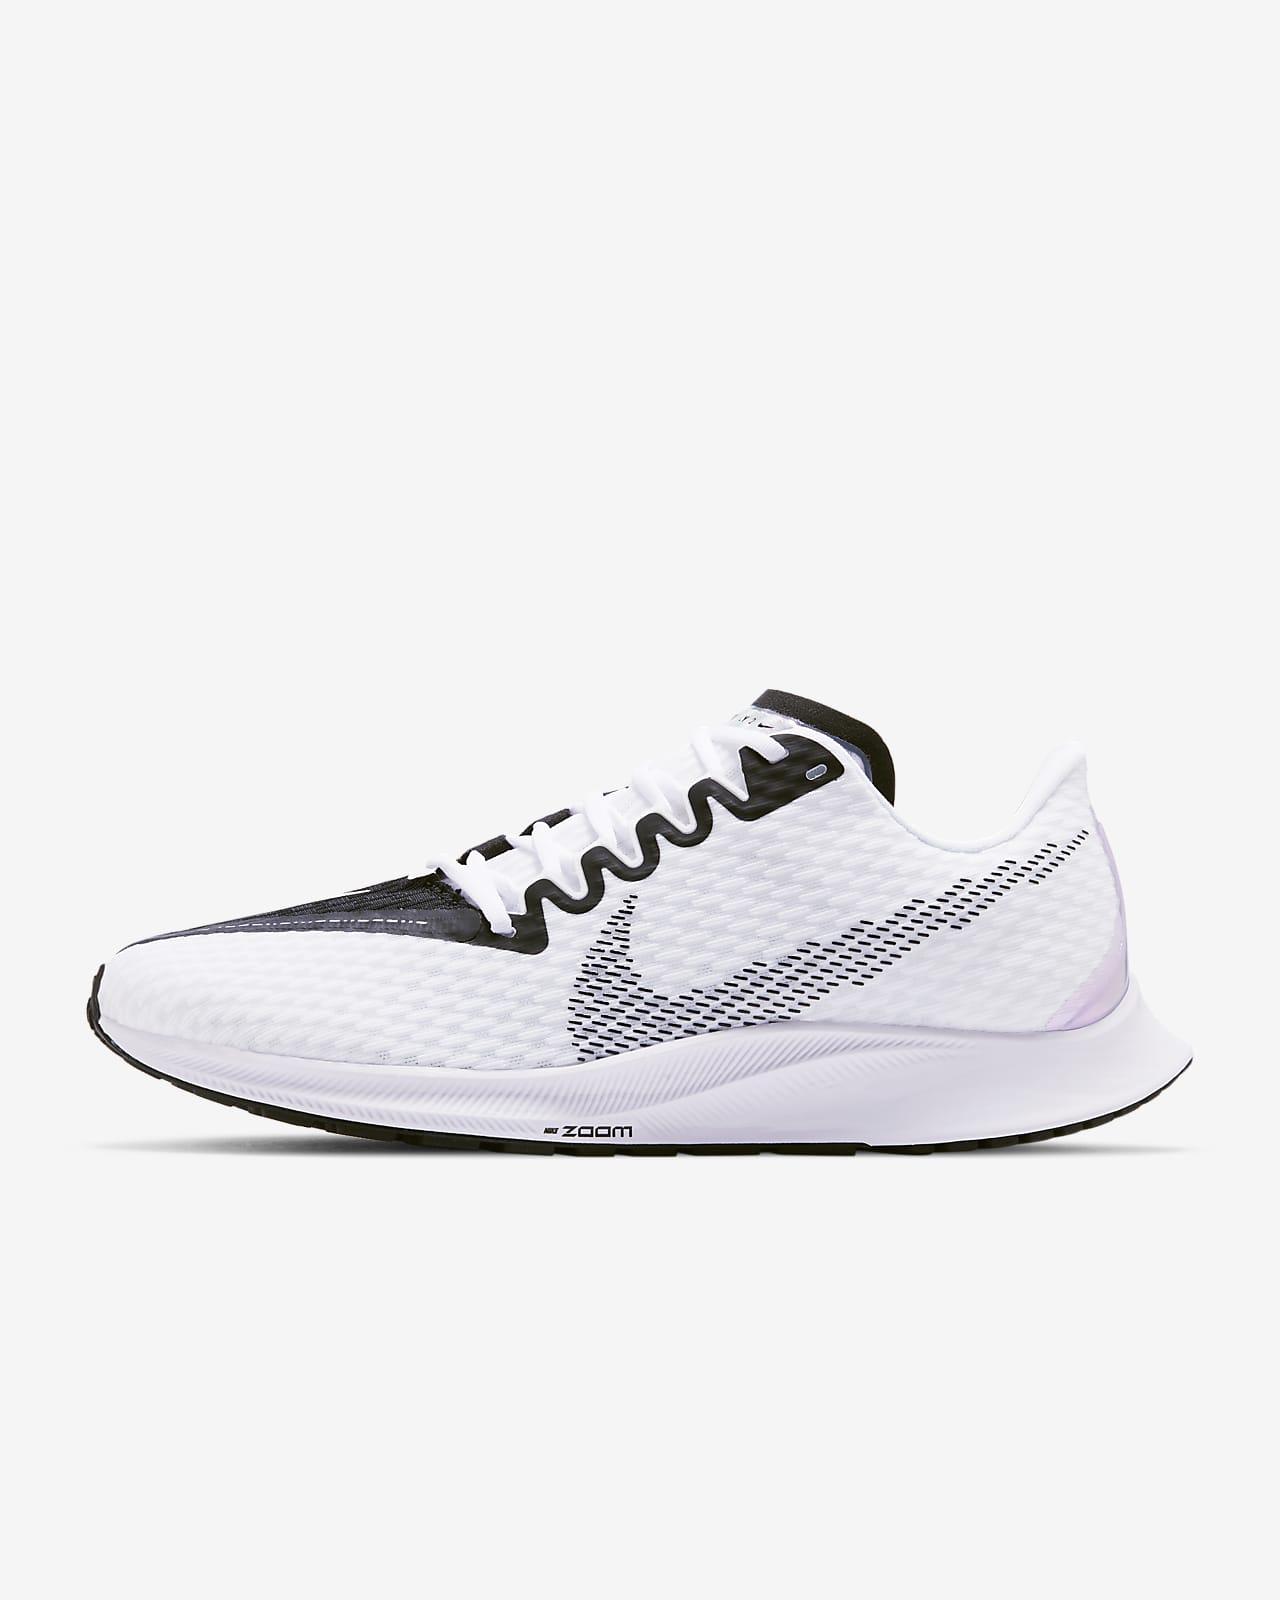 Nike Zoom Rival Fly 2 Men's Running